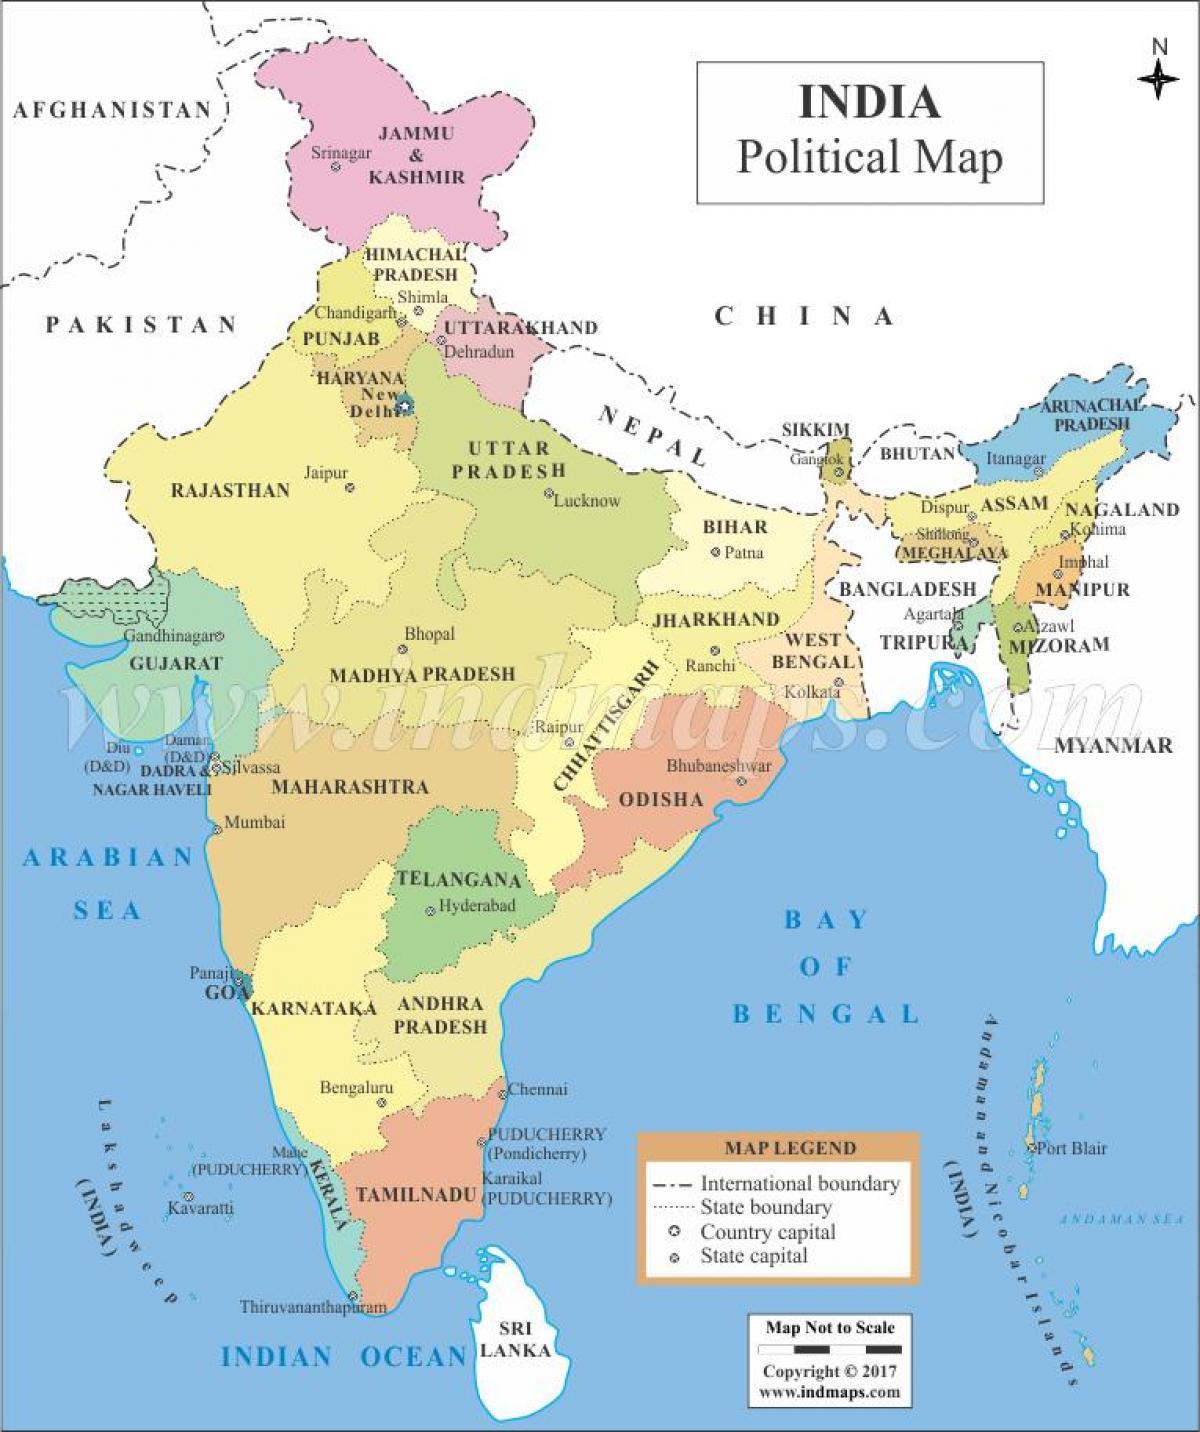 Südasien Karte.Politische Karte Von Indien Politische Karte Indien Südasien